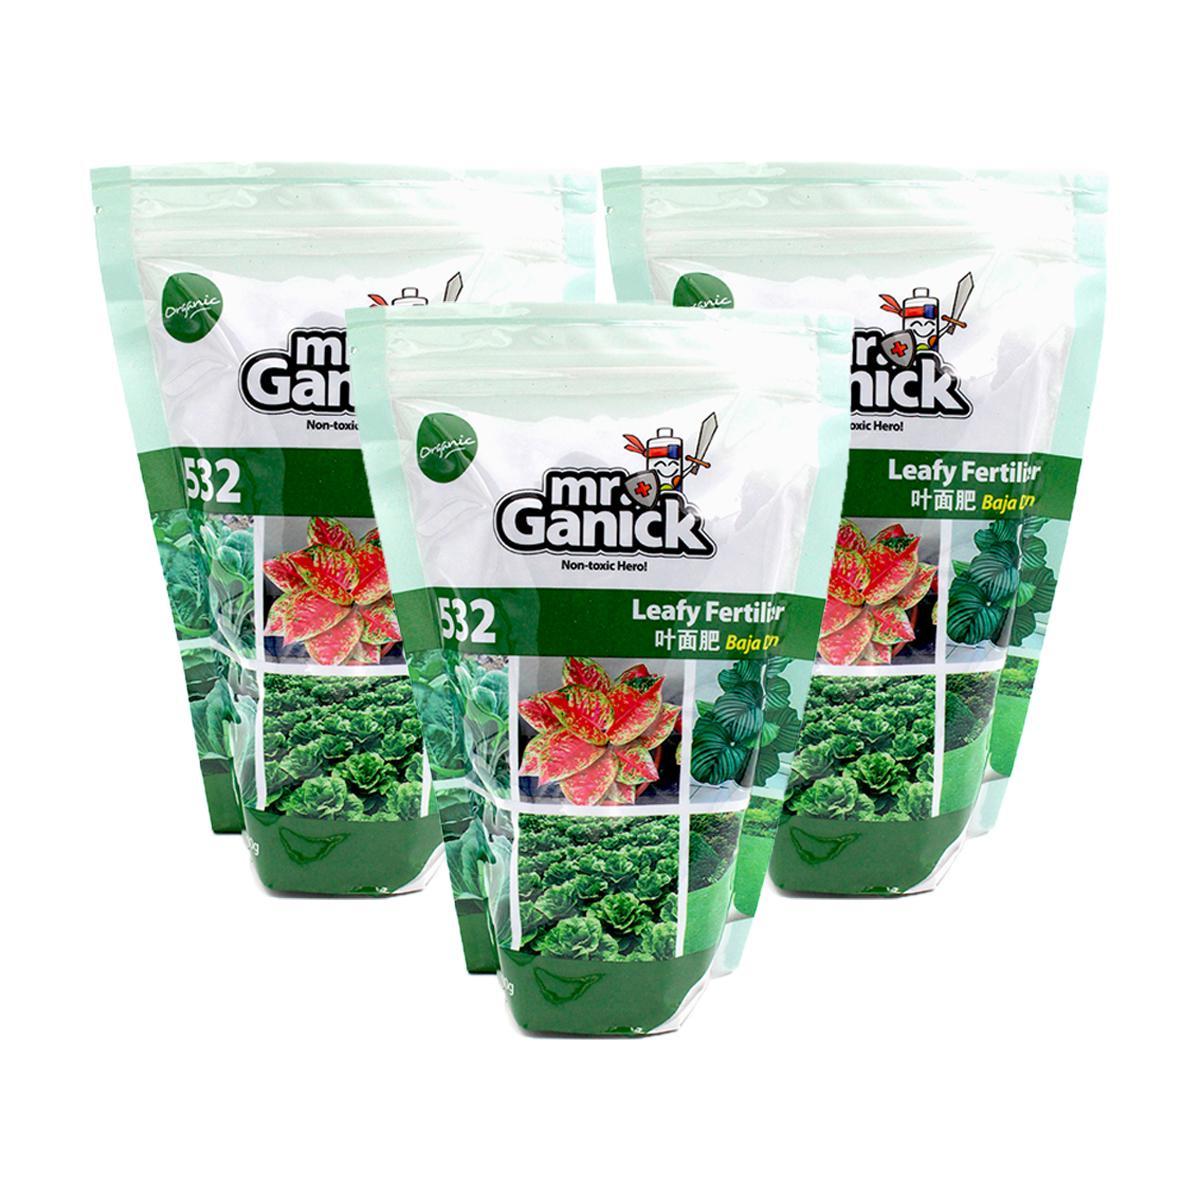 [BUNDLE OF 3] Baba Mr Ganick 532 Leafy Fertilizer (400 G)